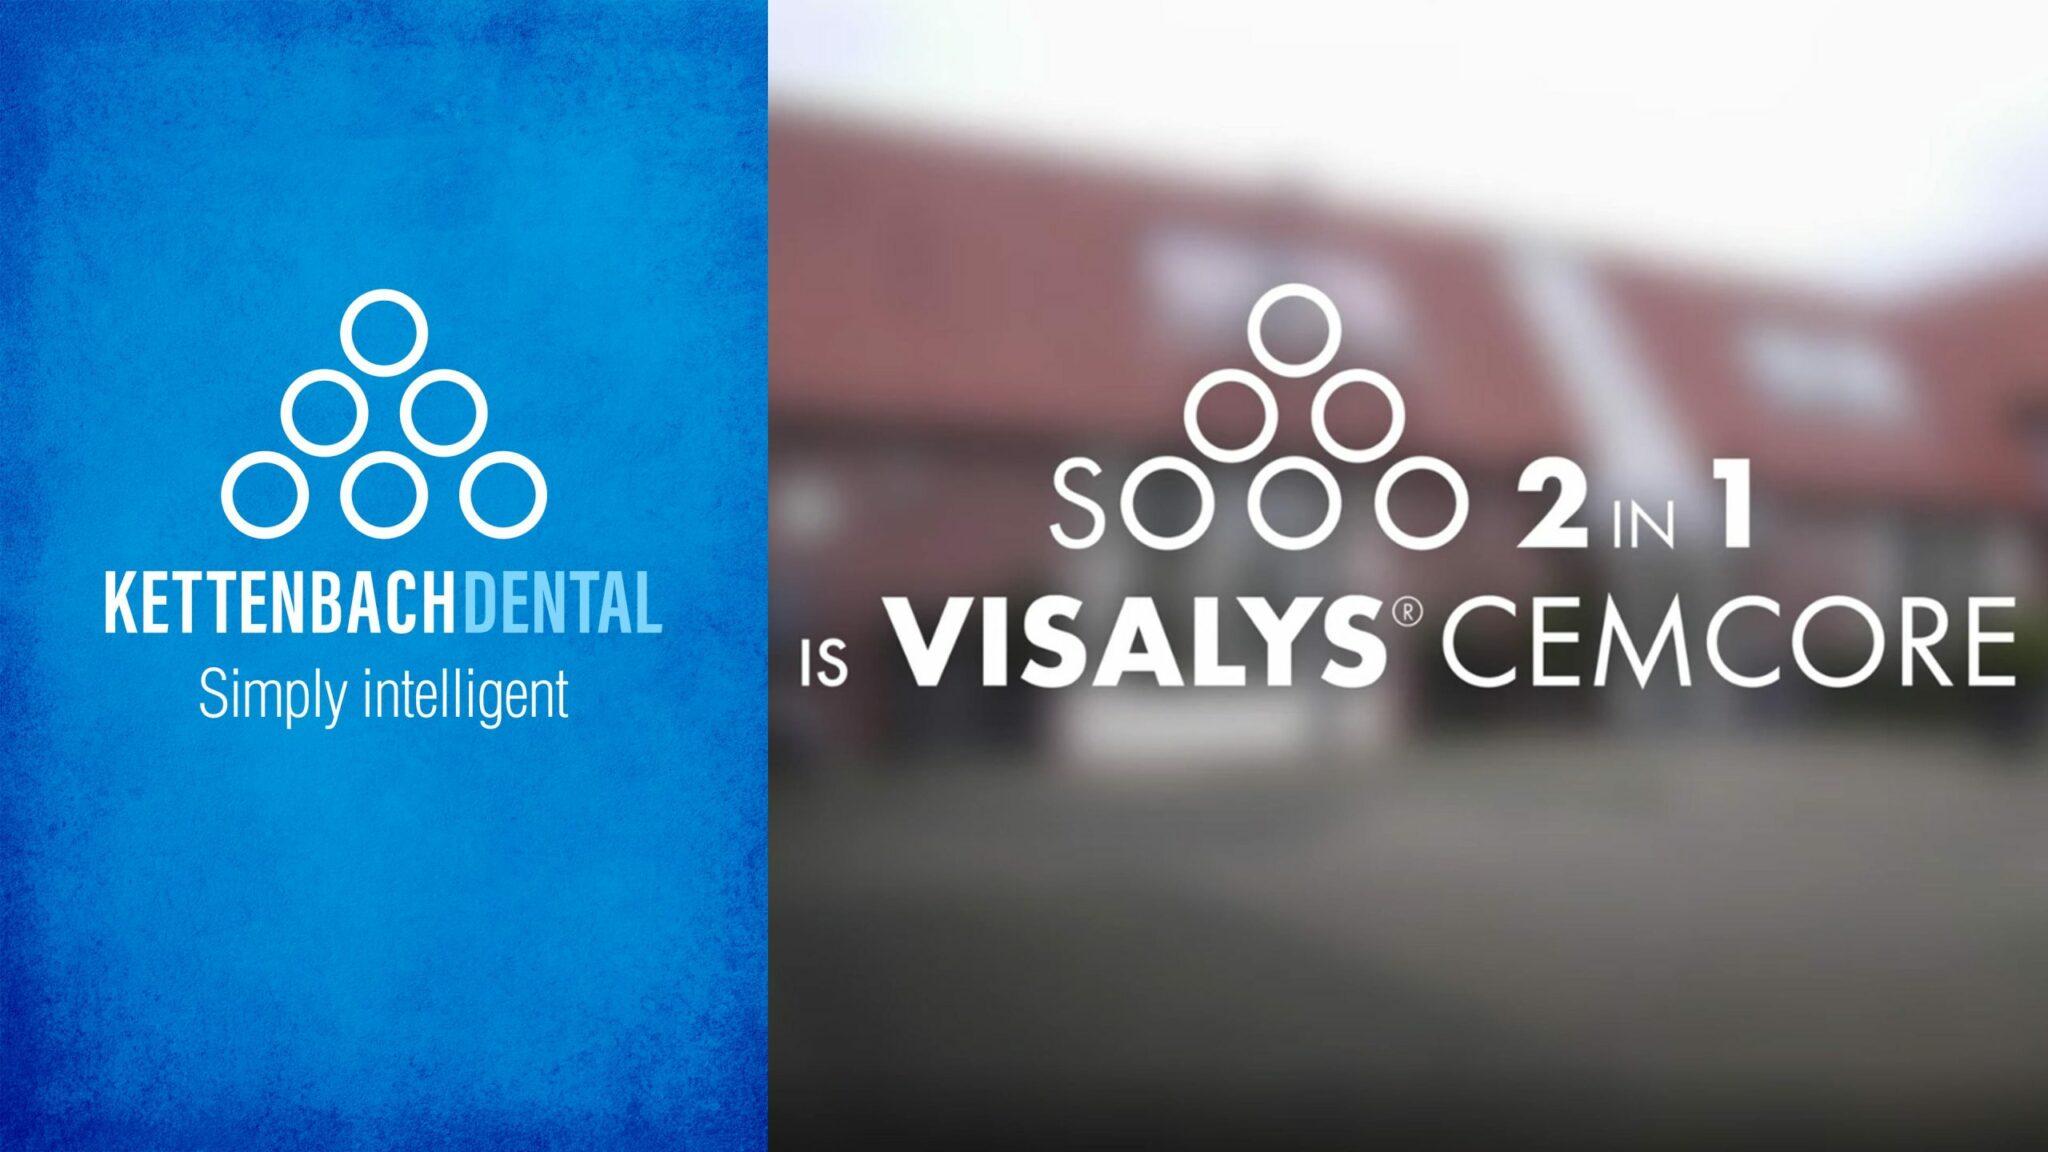 Visalys® CemCore met tandarts Kruijssen